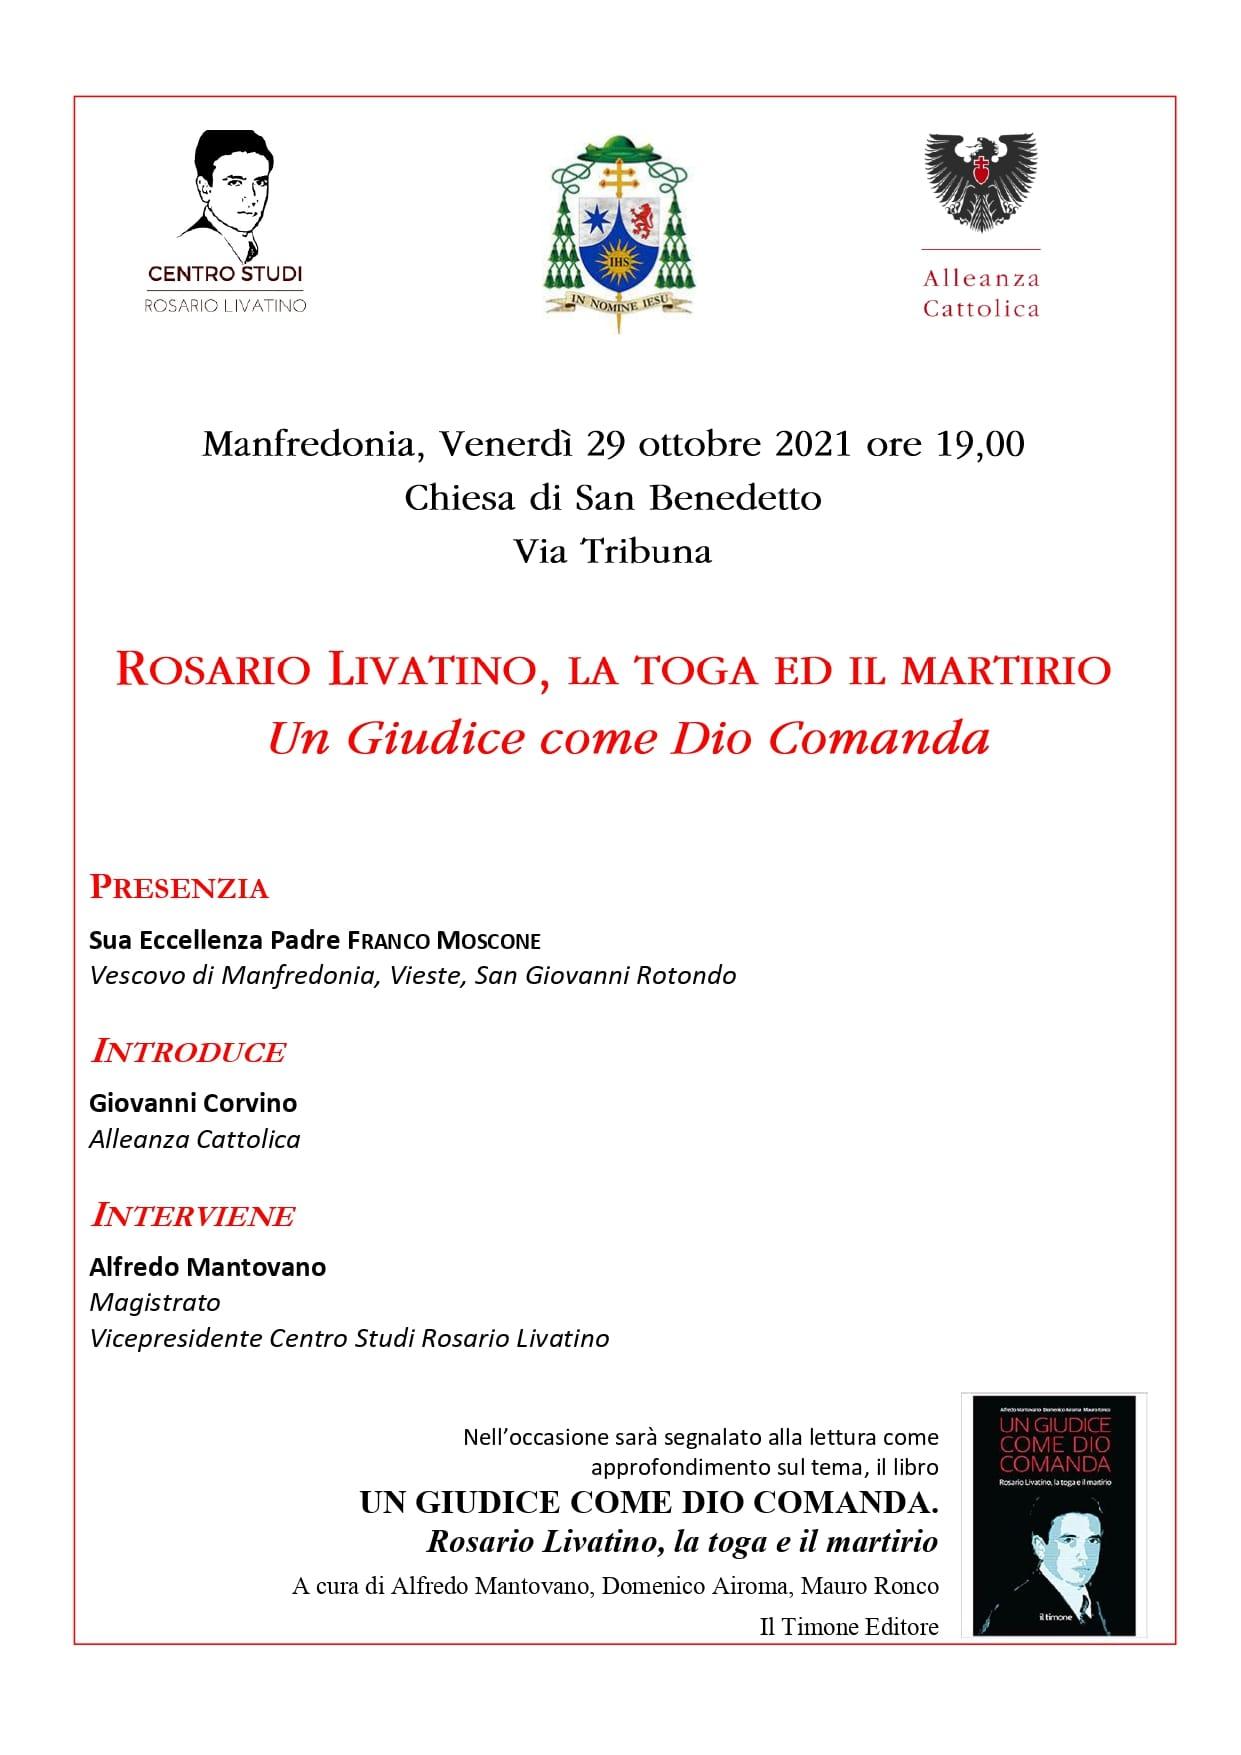 Rosario Livatino, la toga e il martirio_locandina